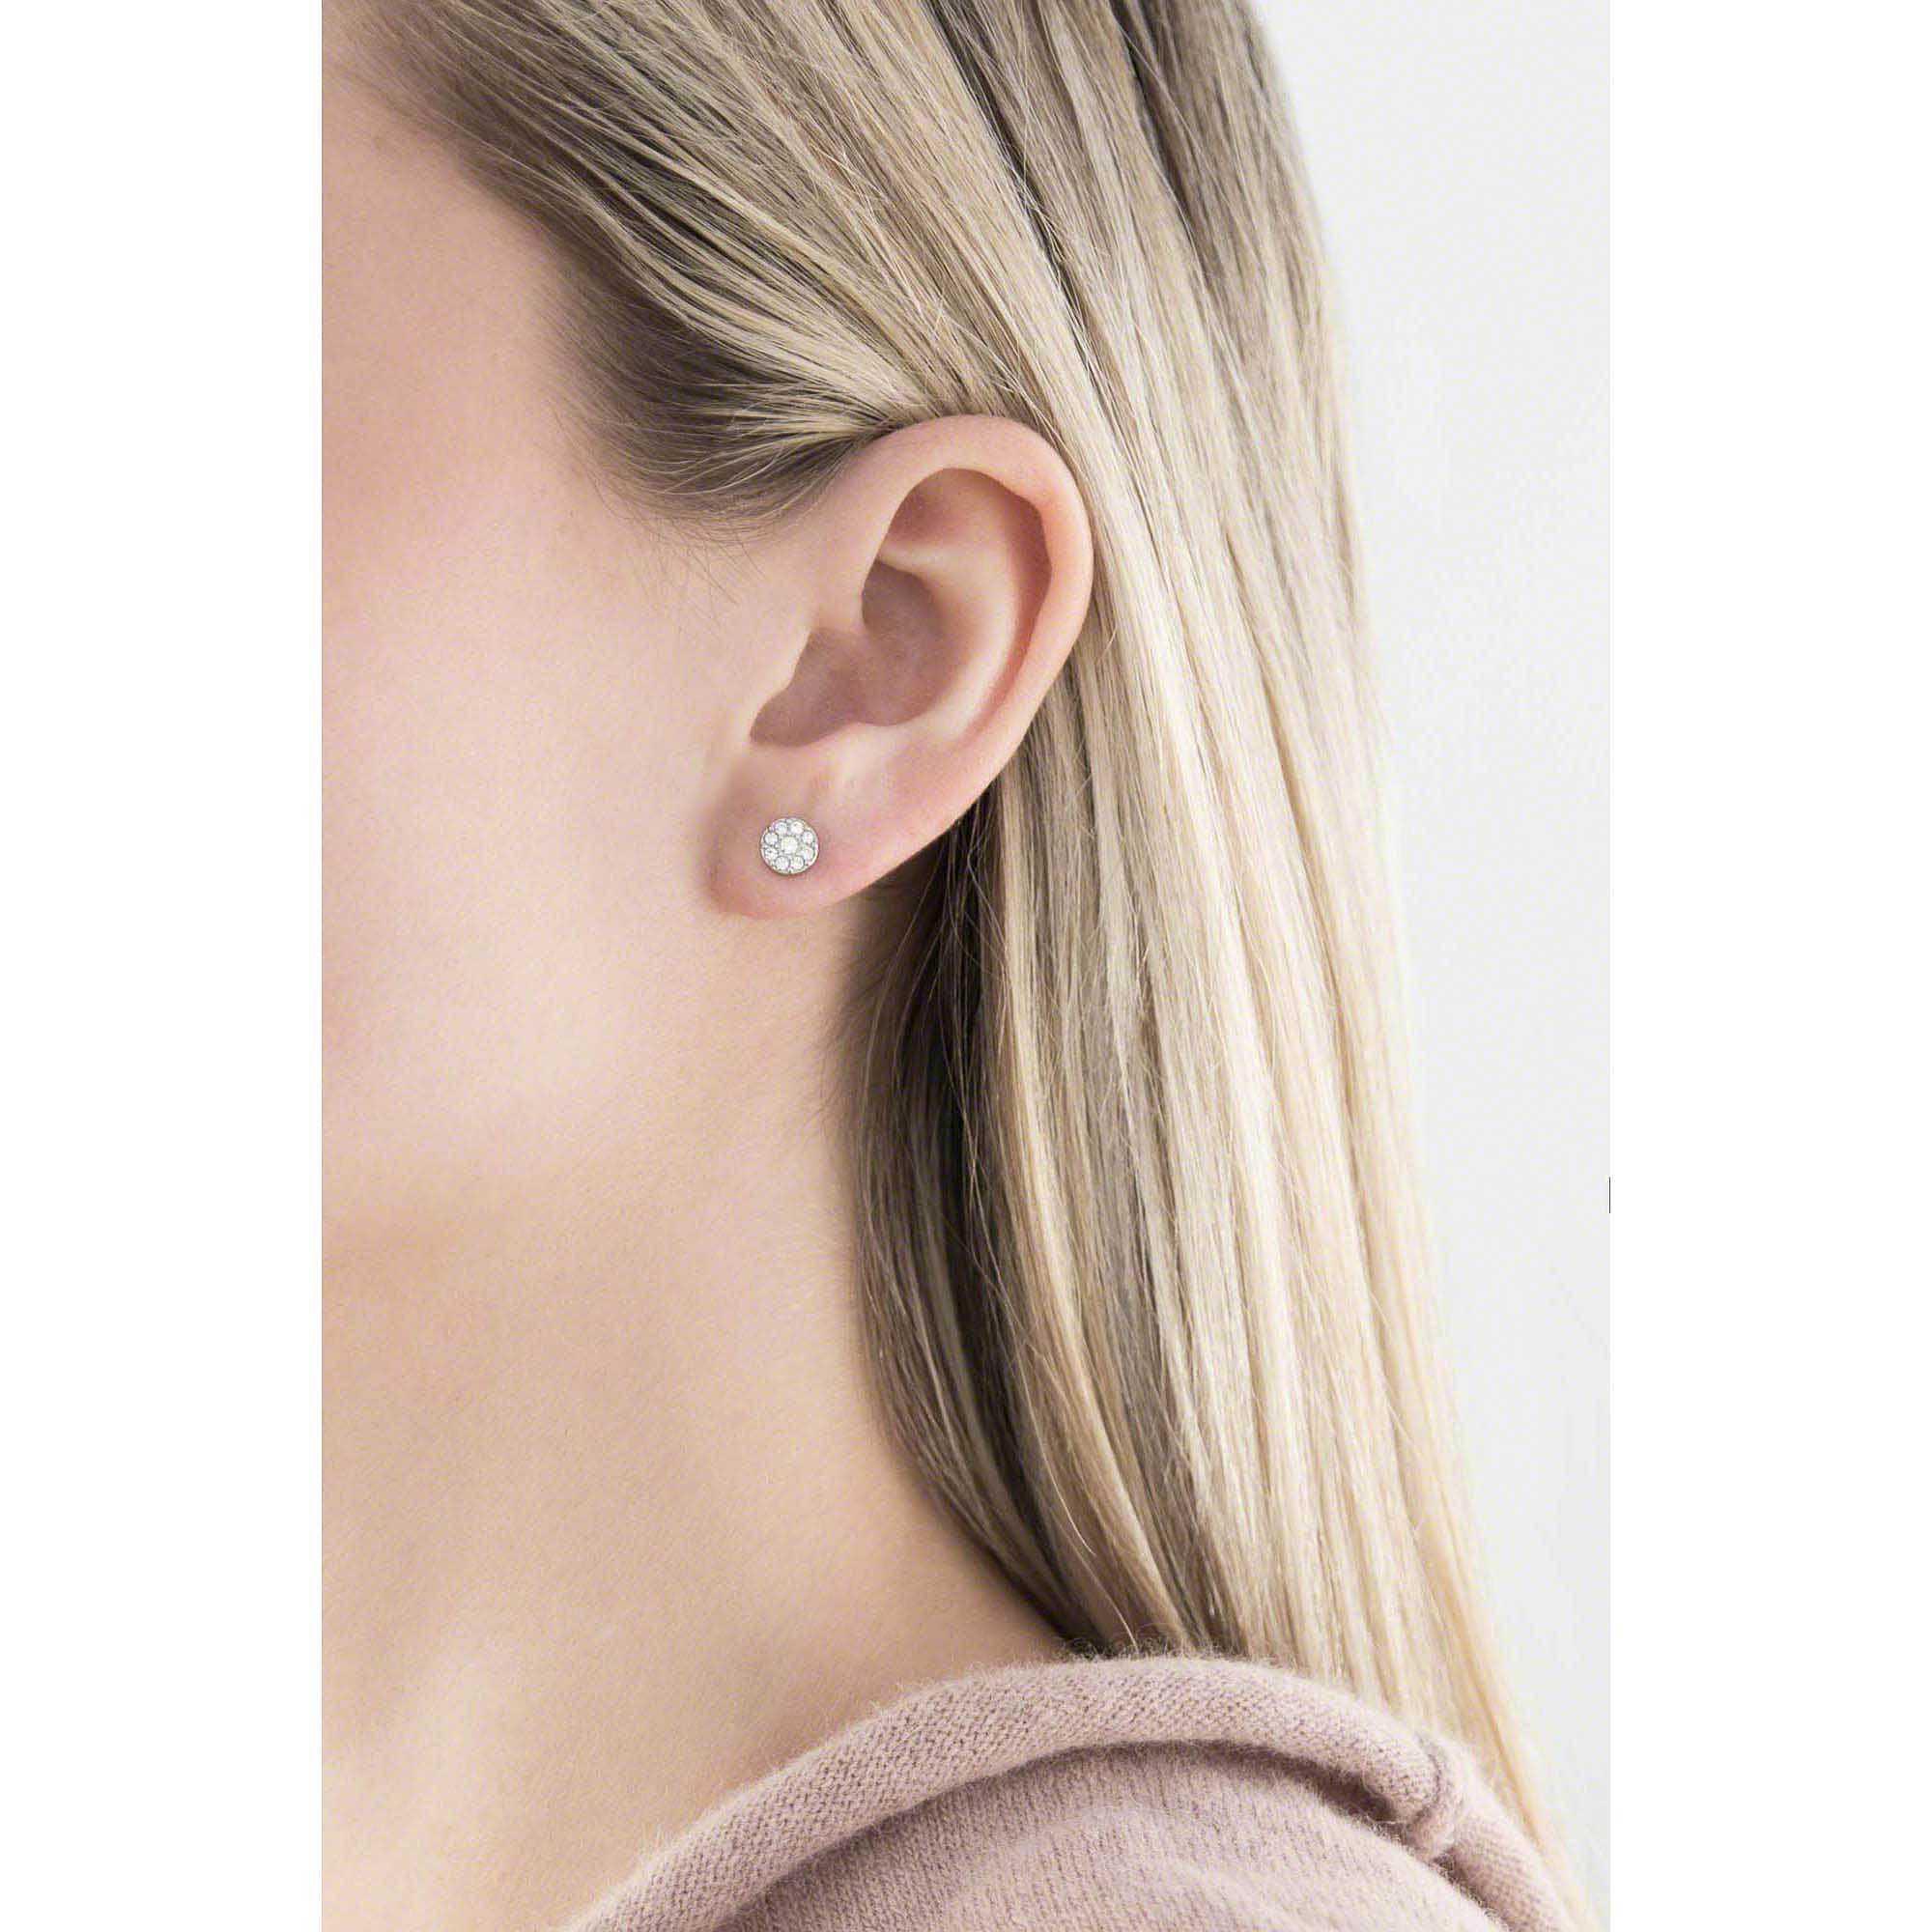 A basso prezzo fabbrica aspetto estetico orecchini donna gioielli Fossil Fall 2013 JF00828040